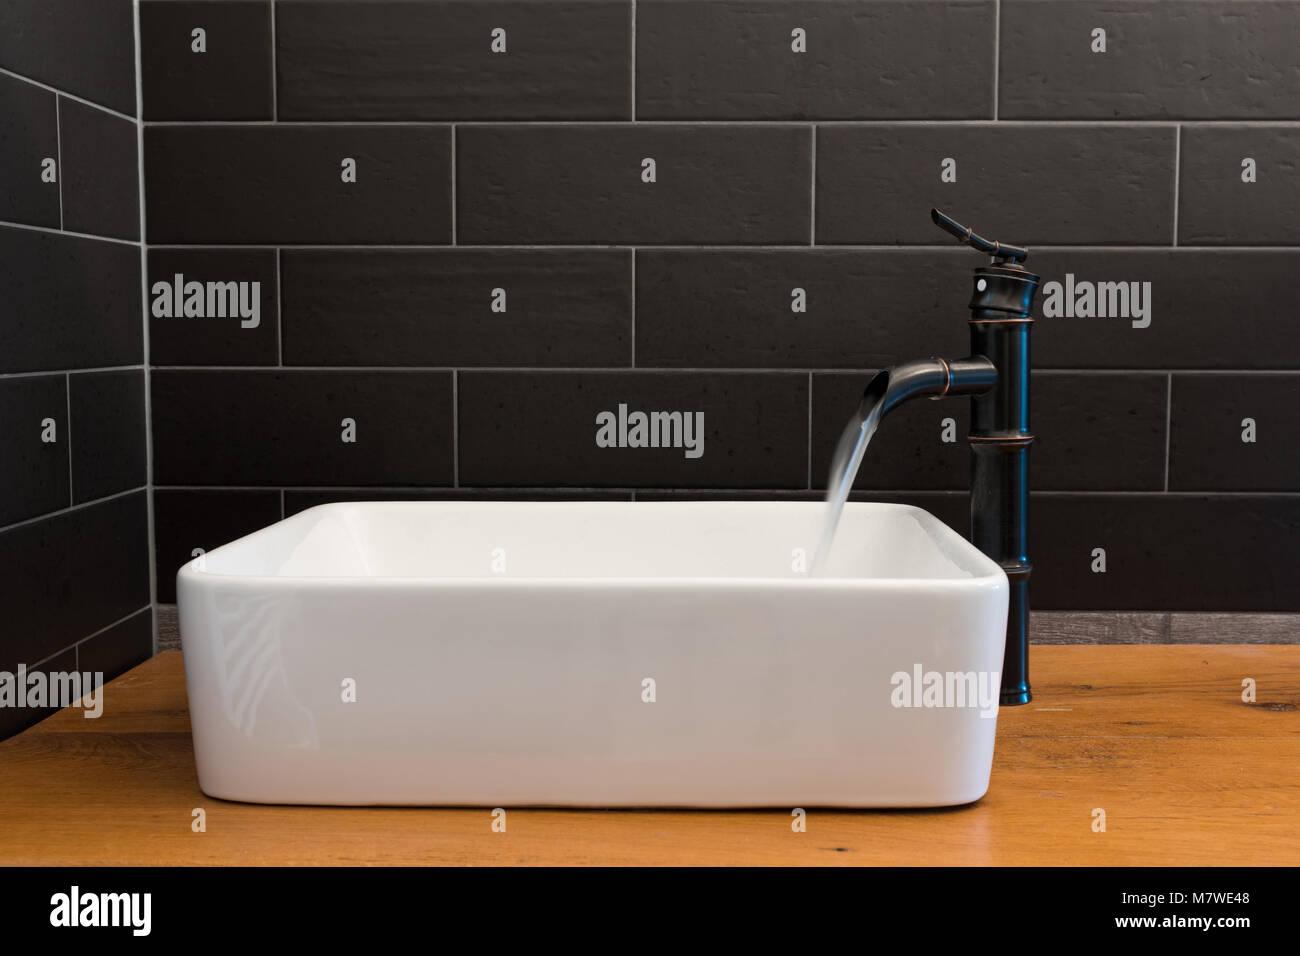 Moderno quadrato bianco il lavandino in bagno con piastrelle nere e